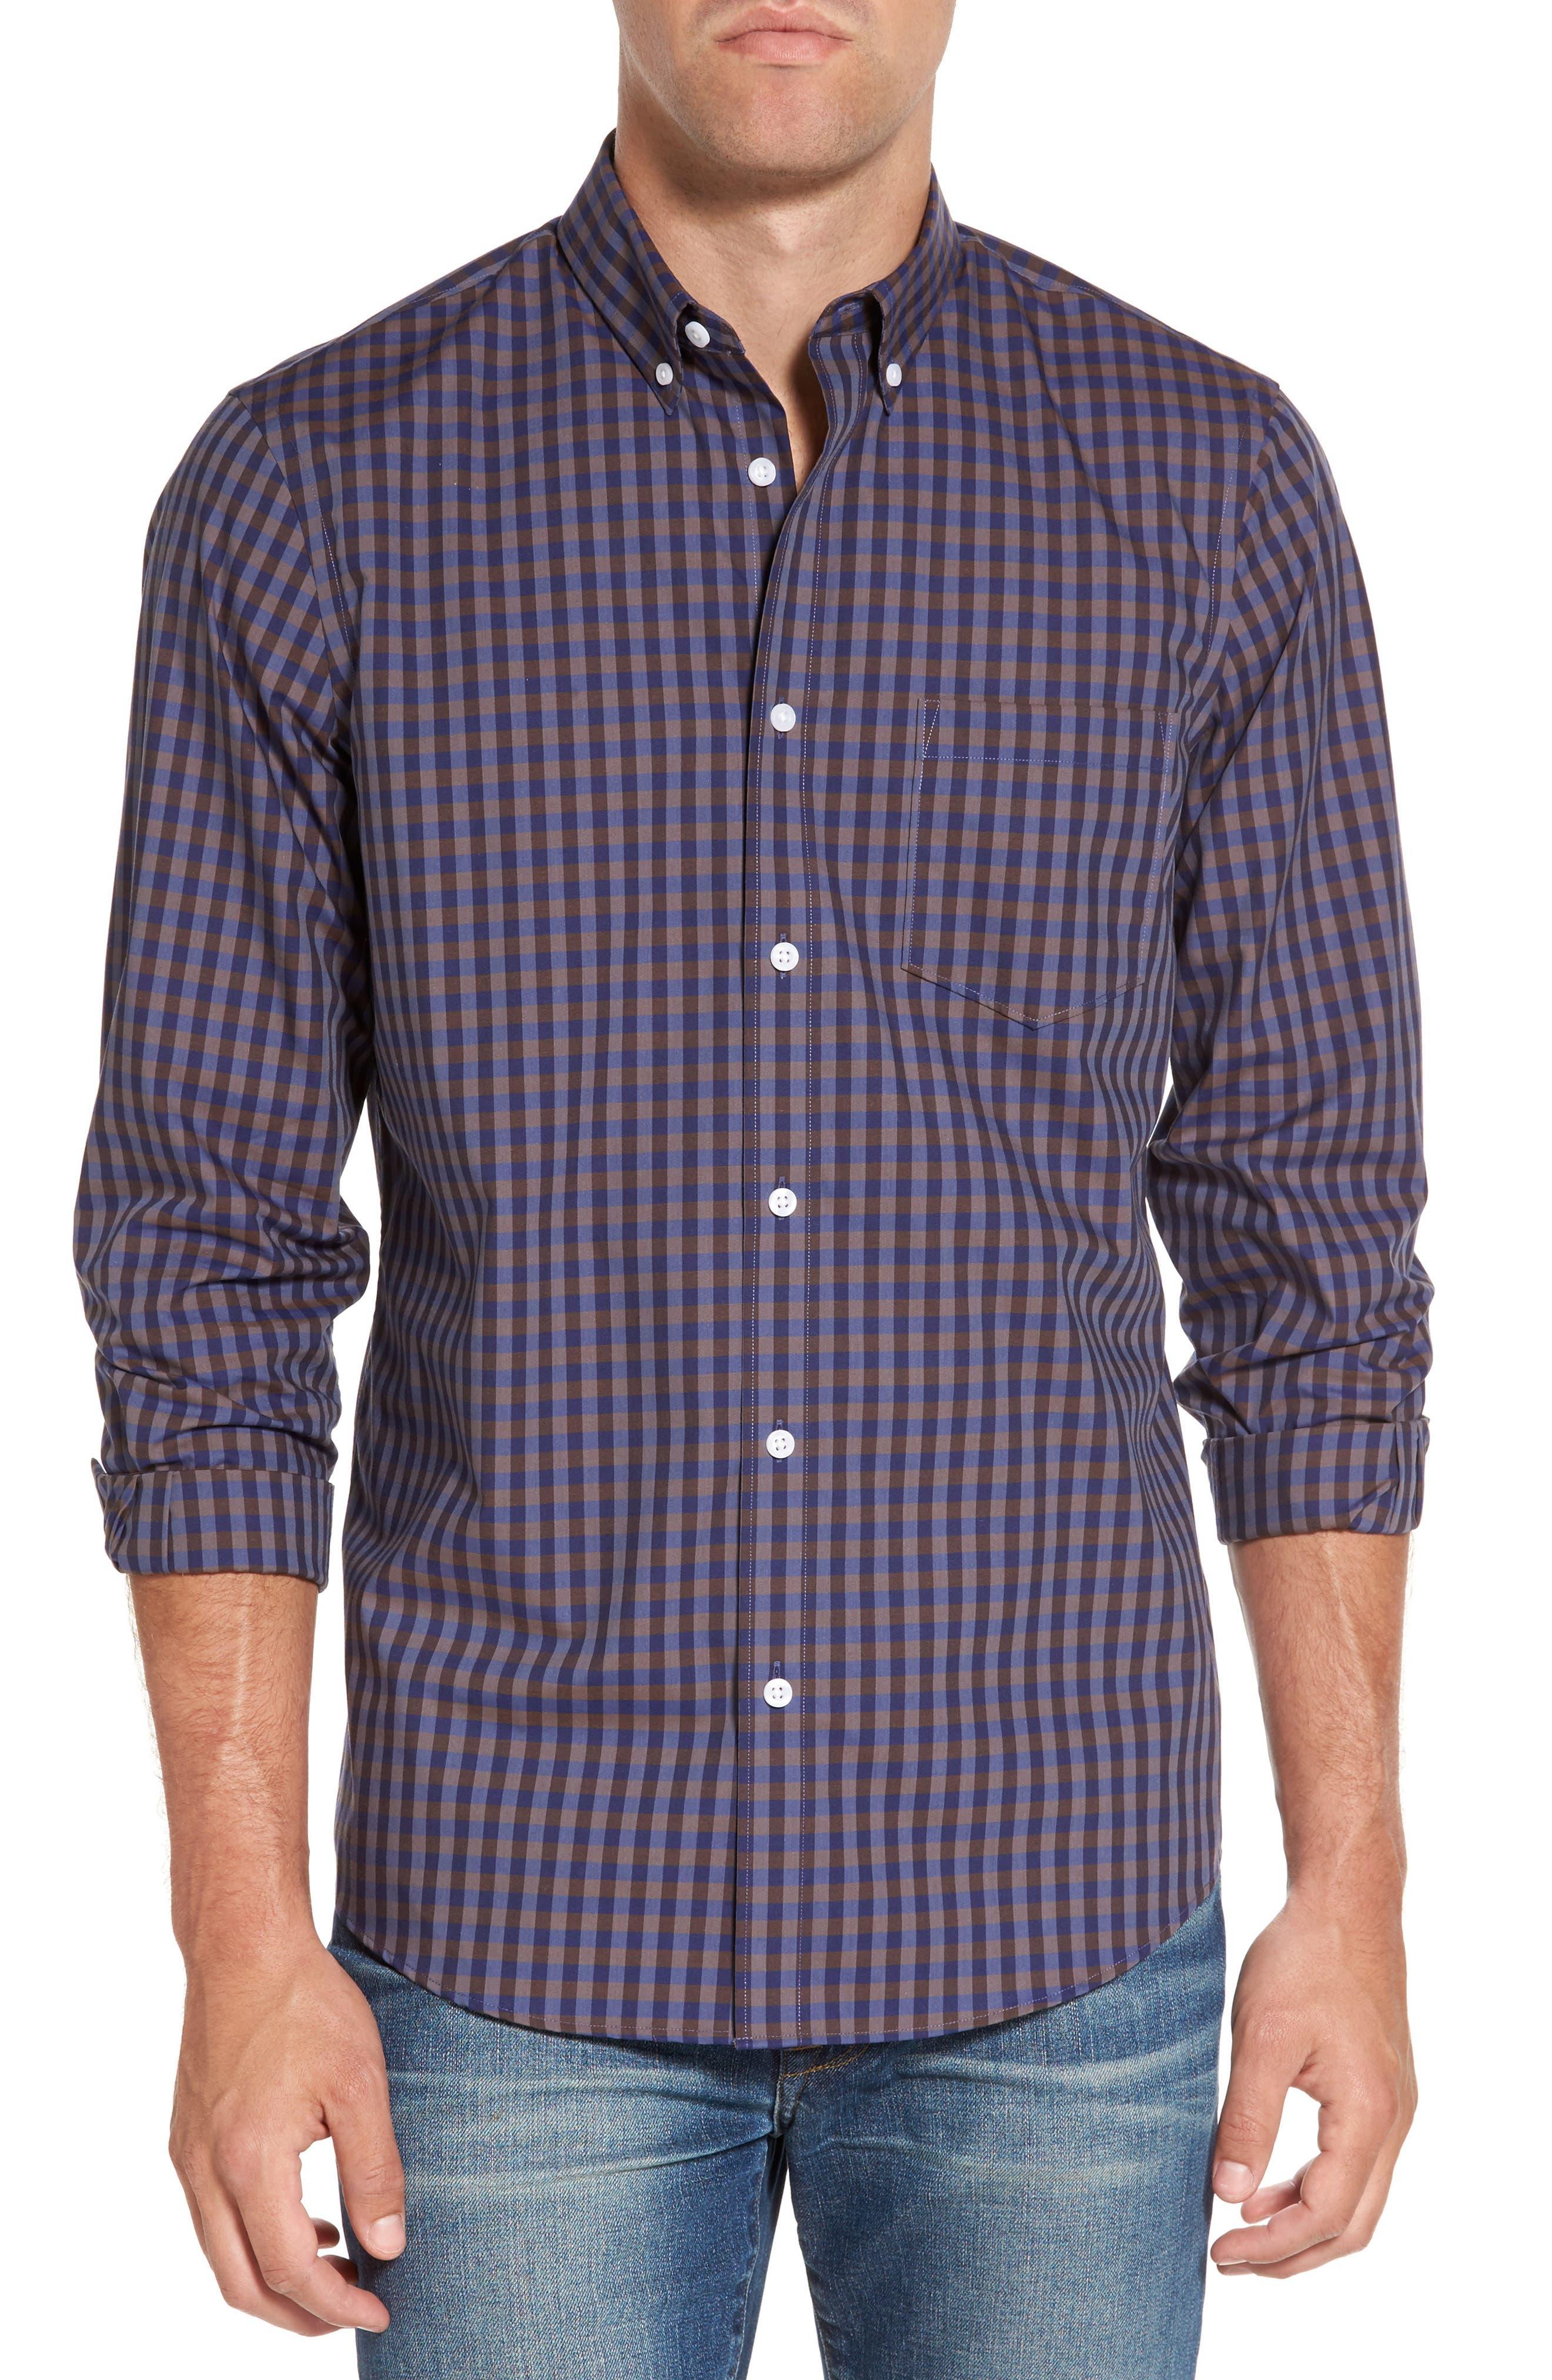 Nordstrom Men's Shop Regular Fit Non-Iron Check Sport Shirt (Tall)